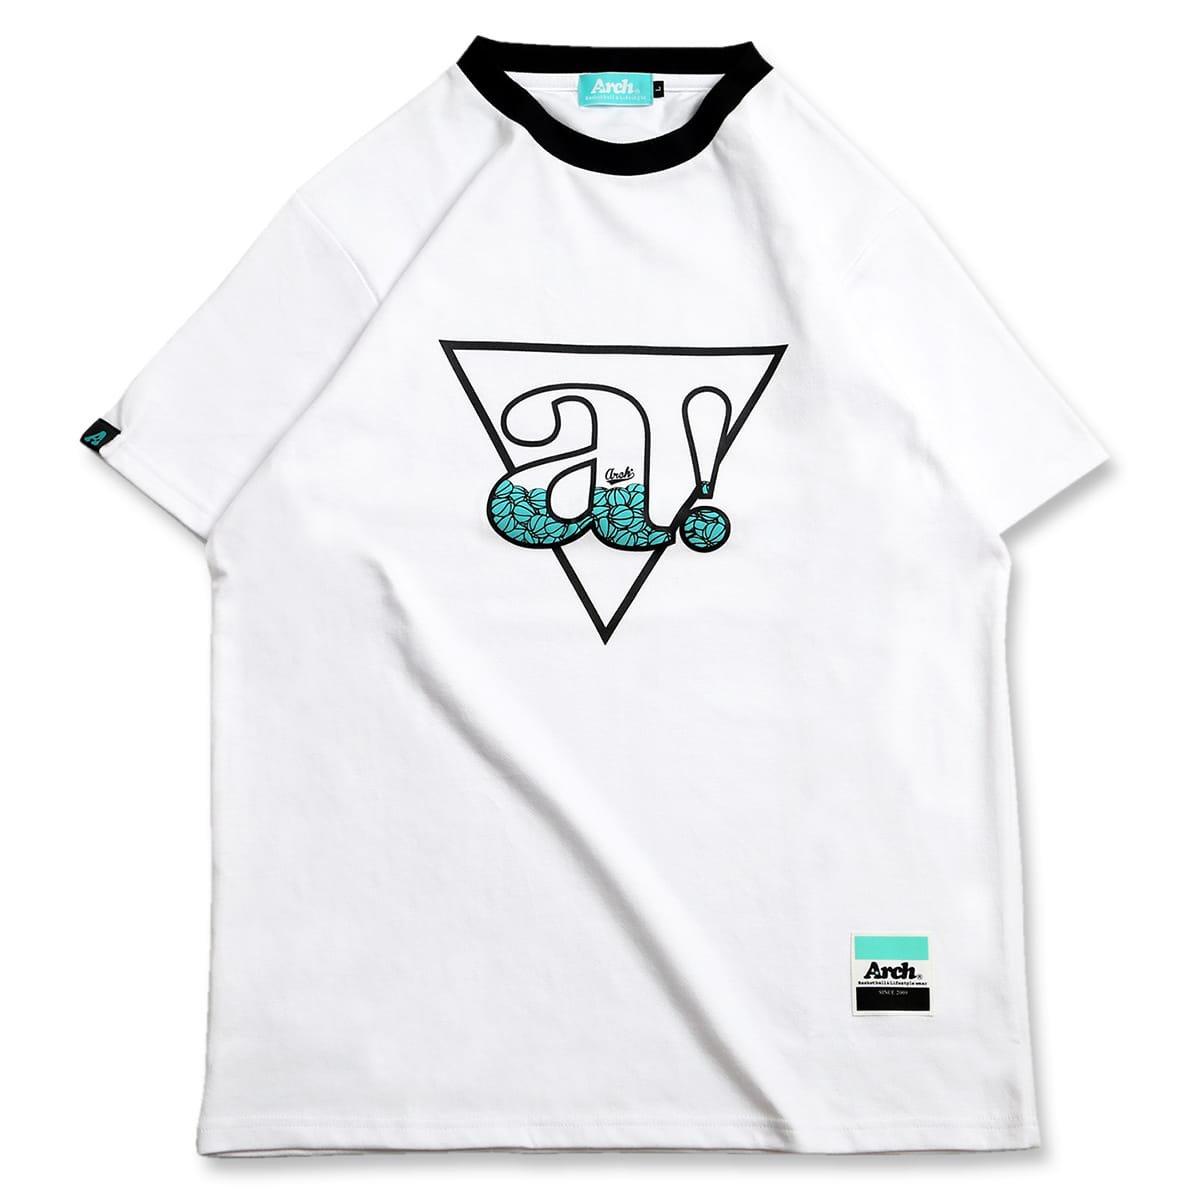 バスケ トライアングル エー ドライコットン Tシャツ ホワイト